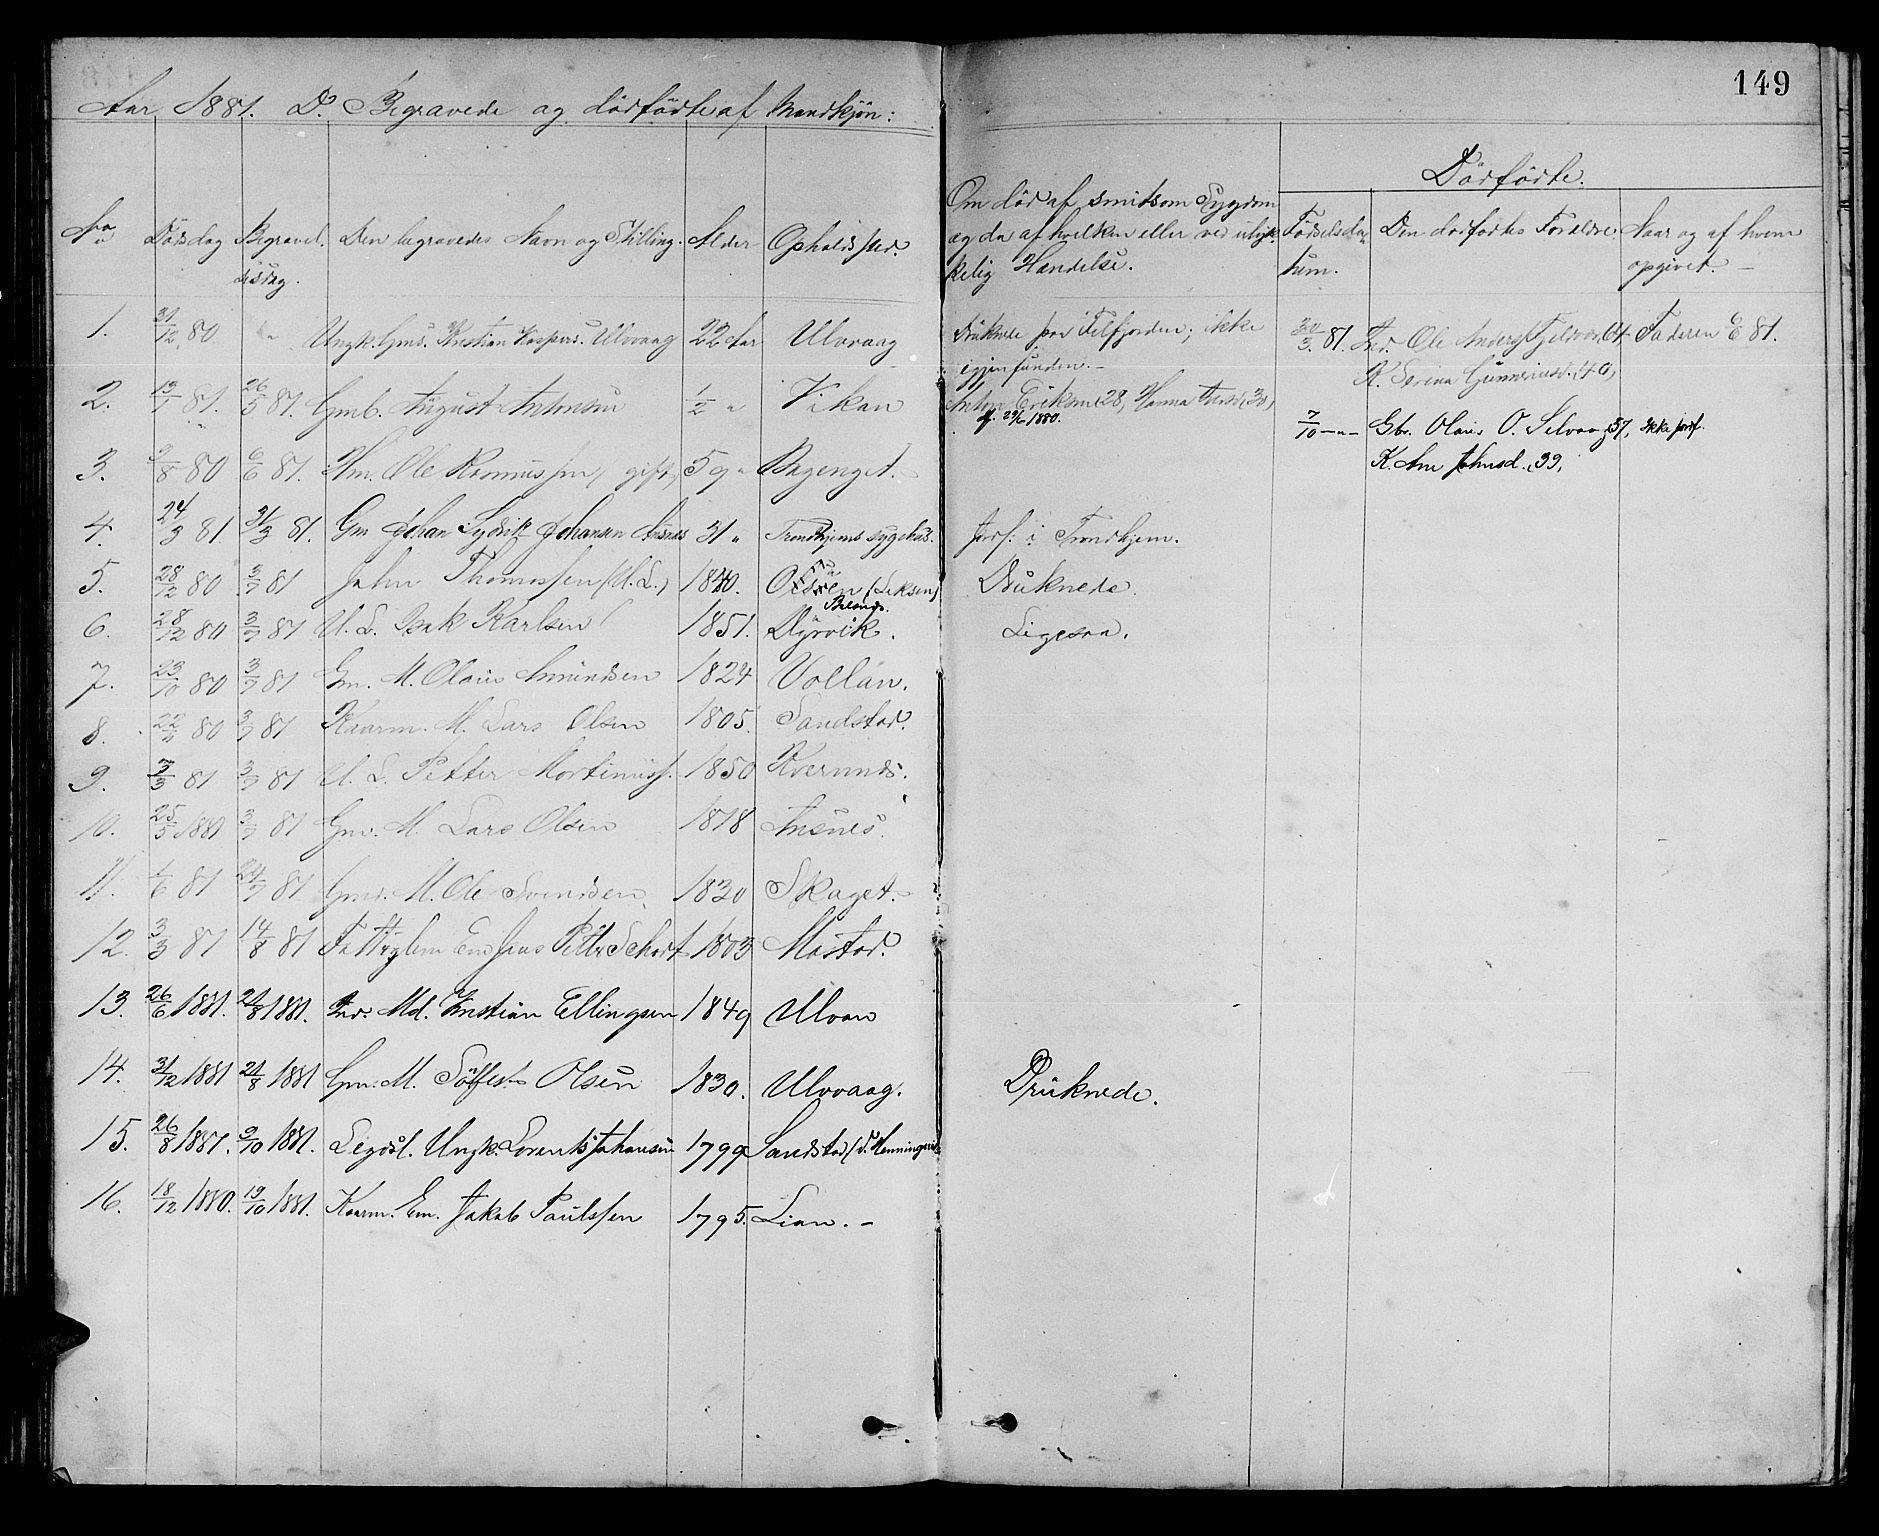 SAT, Ministerialprotokoller, klokkerbøker og fødselsregistre - Sør-Trøndelag, 637/L0561: Klokkerbok nr. 637C02, 1873-1882, s. 149